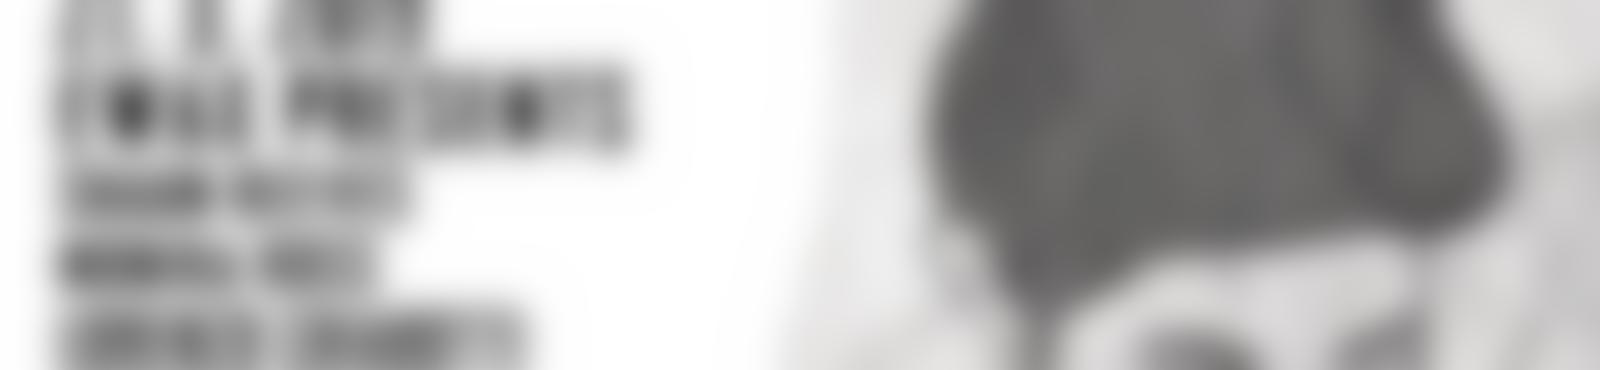 Blurred 9d43b396 bdc6 4e8e 89f4 7a418713b136